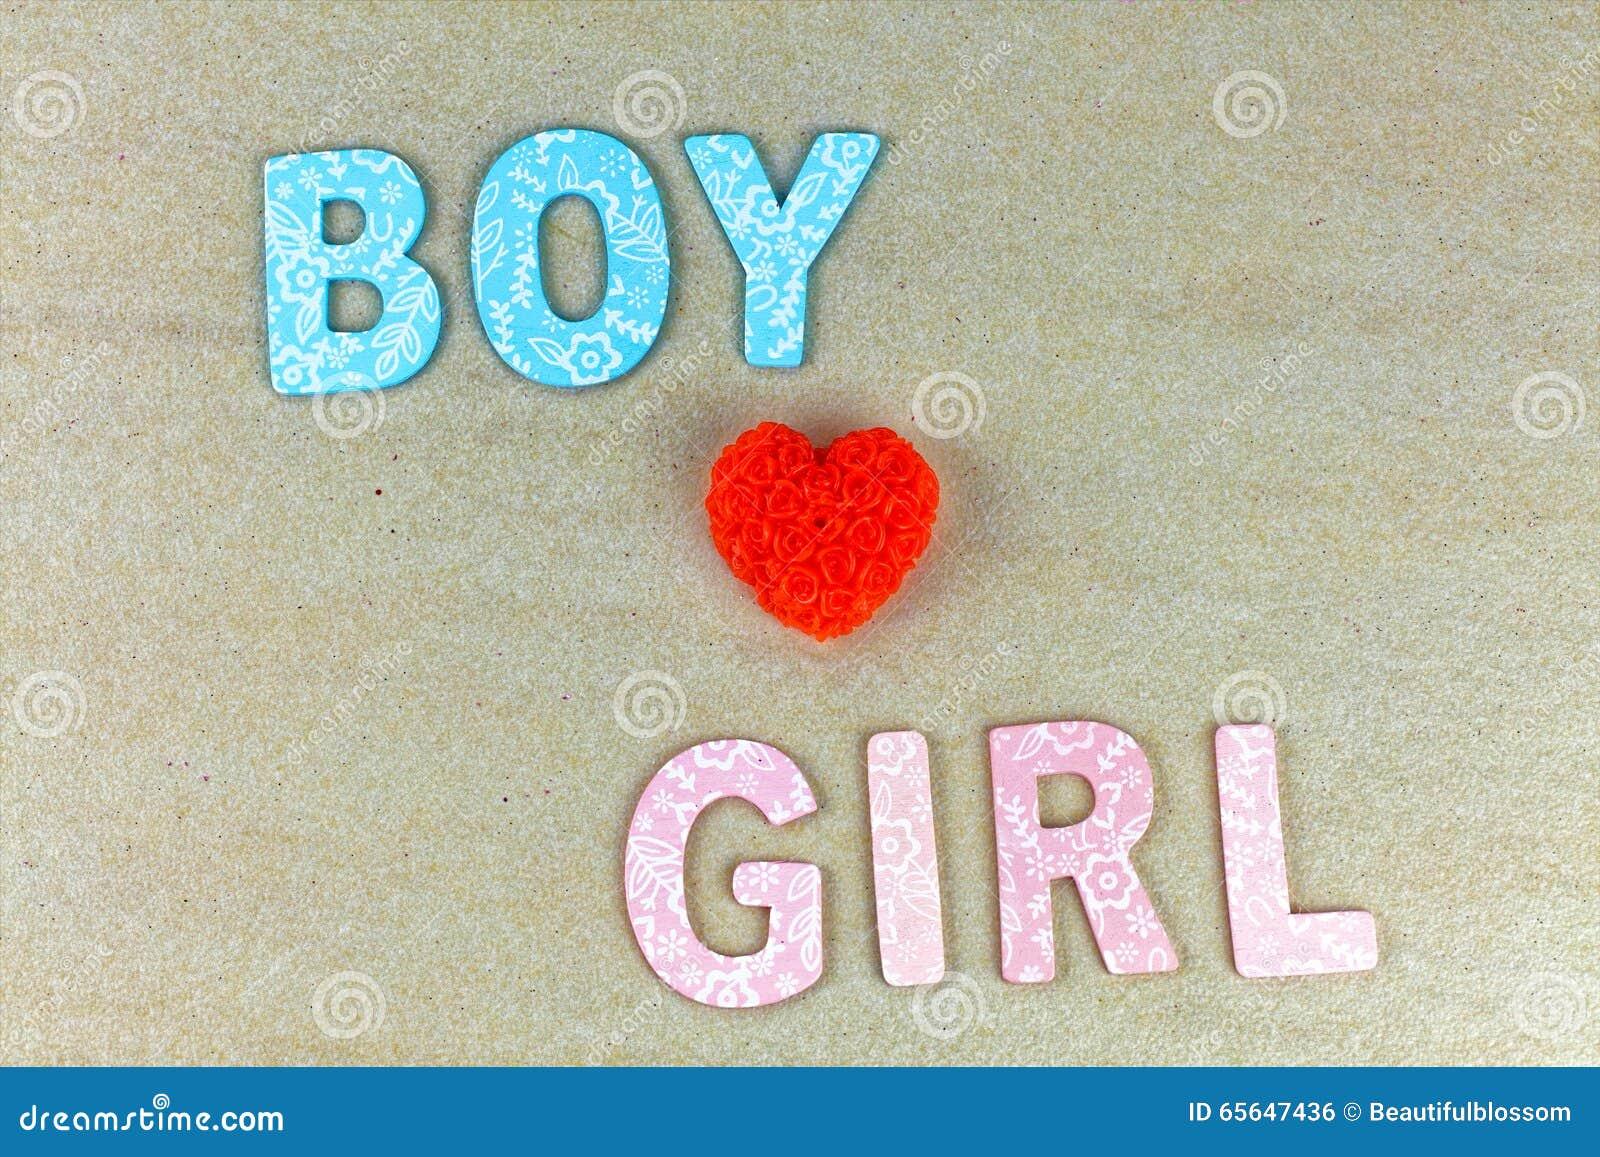 Le garçon aime la fille